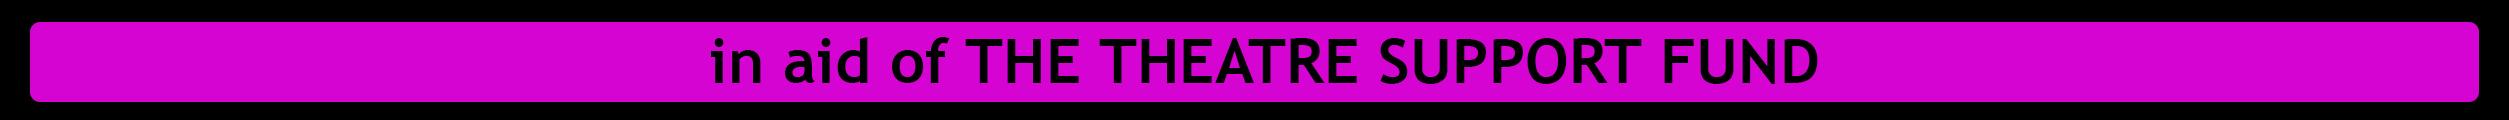 Slider-Theatre